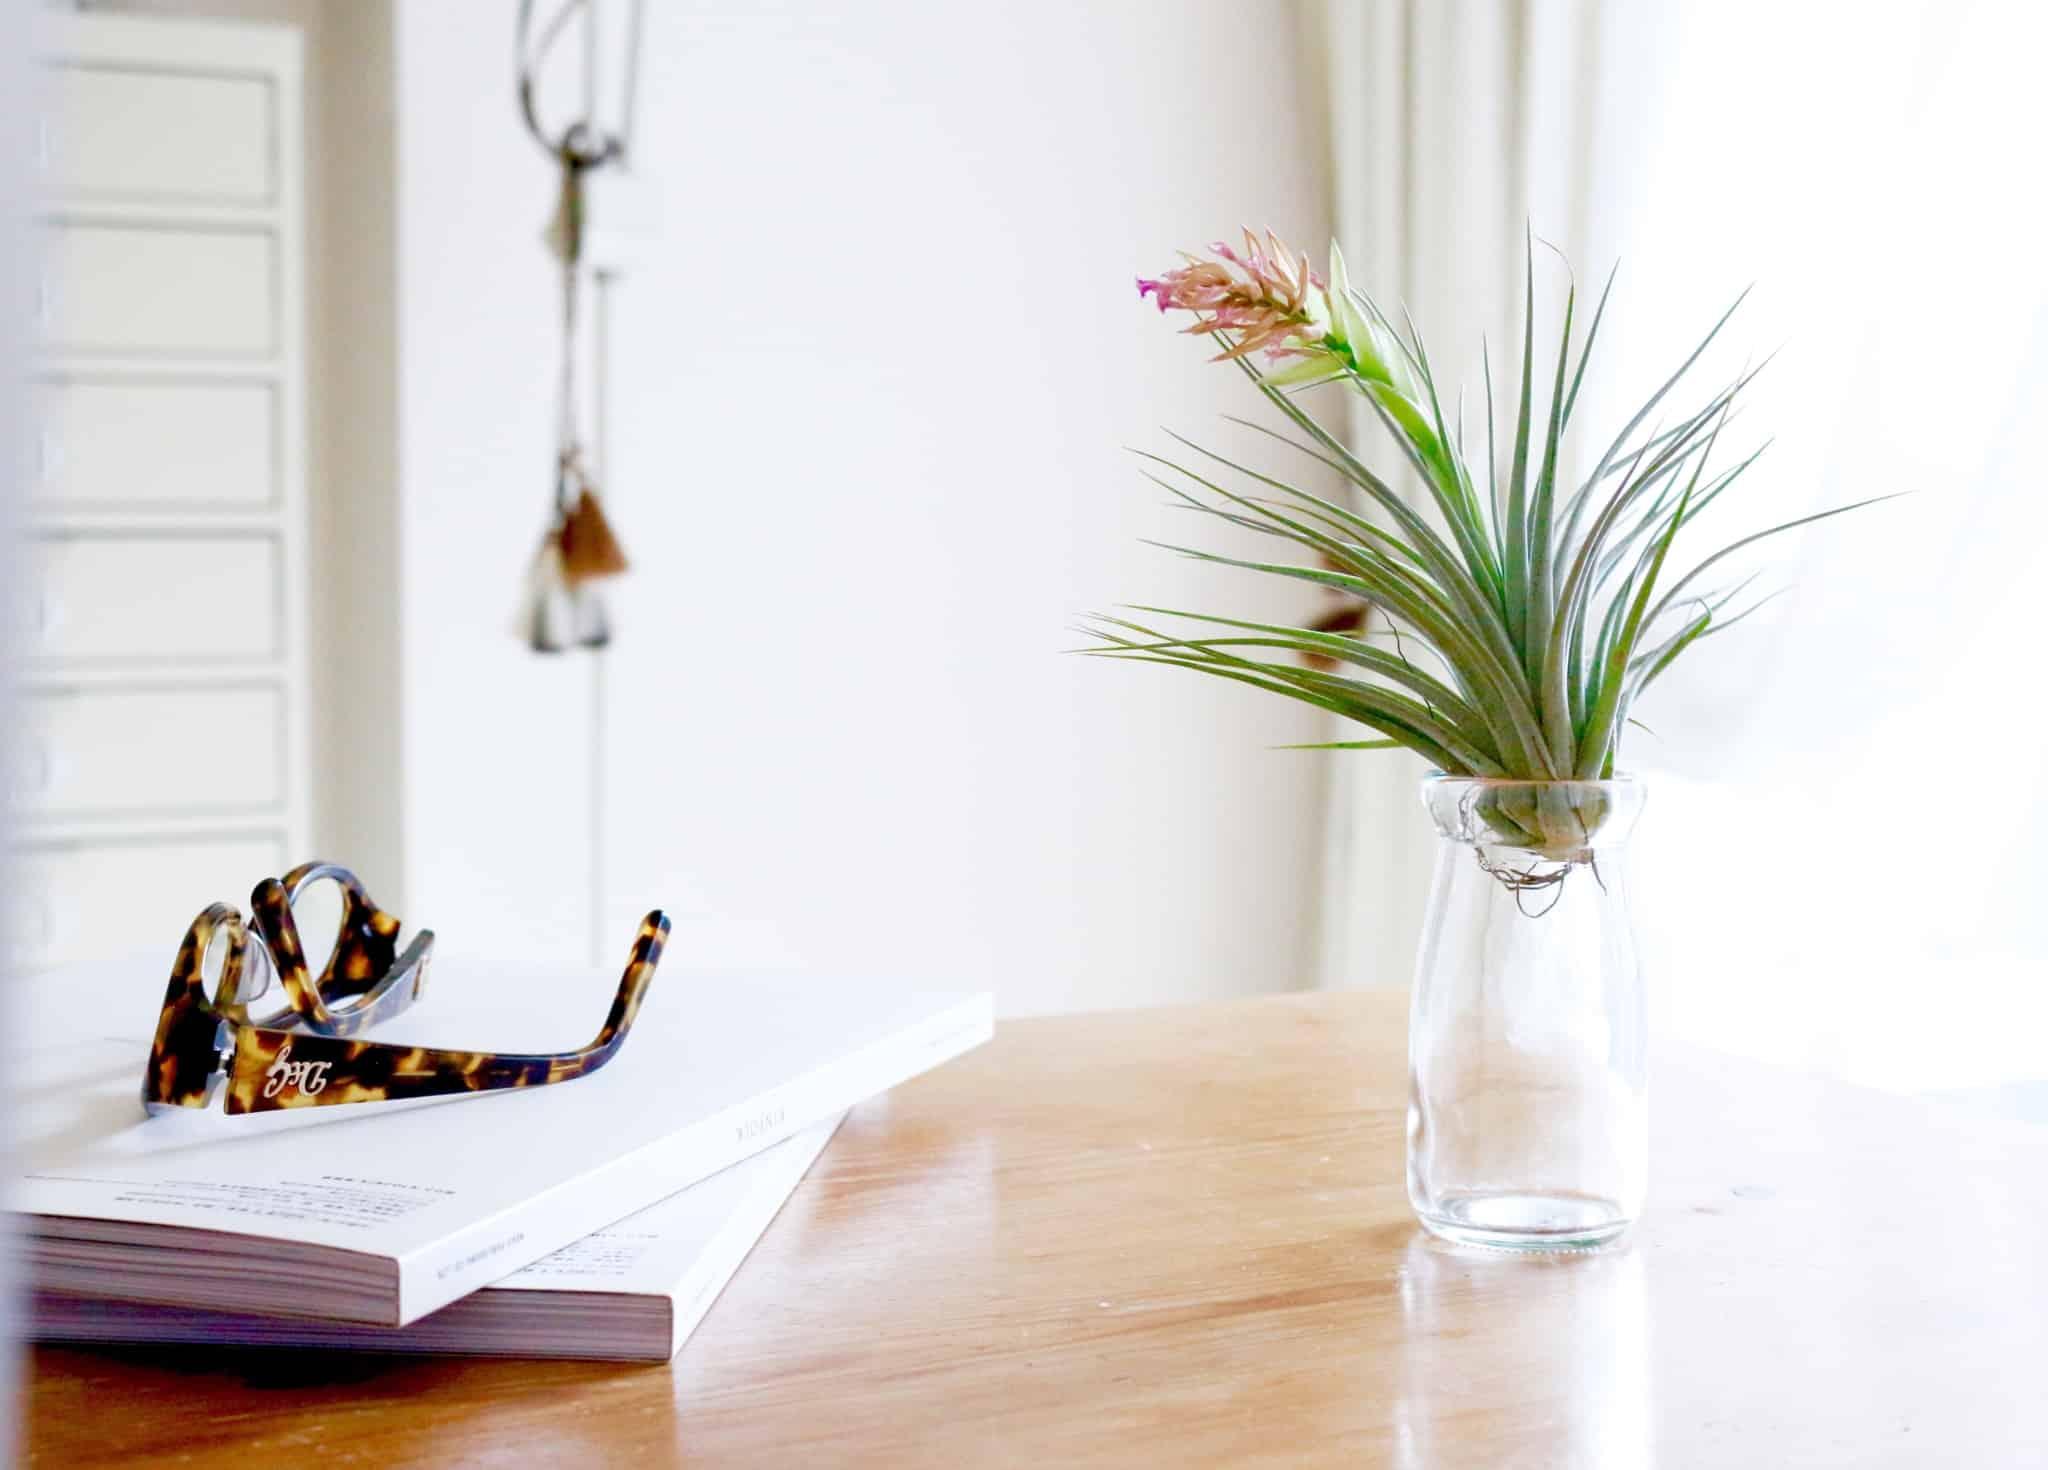 oculos de sol em cima de livros e uma planta em cima da mesa